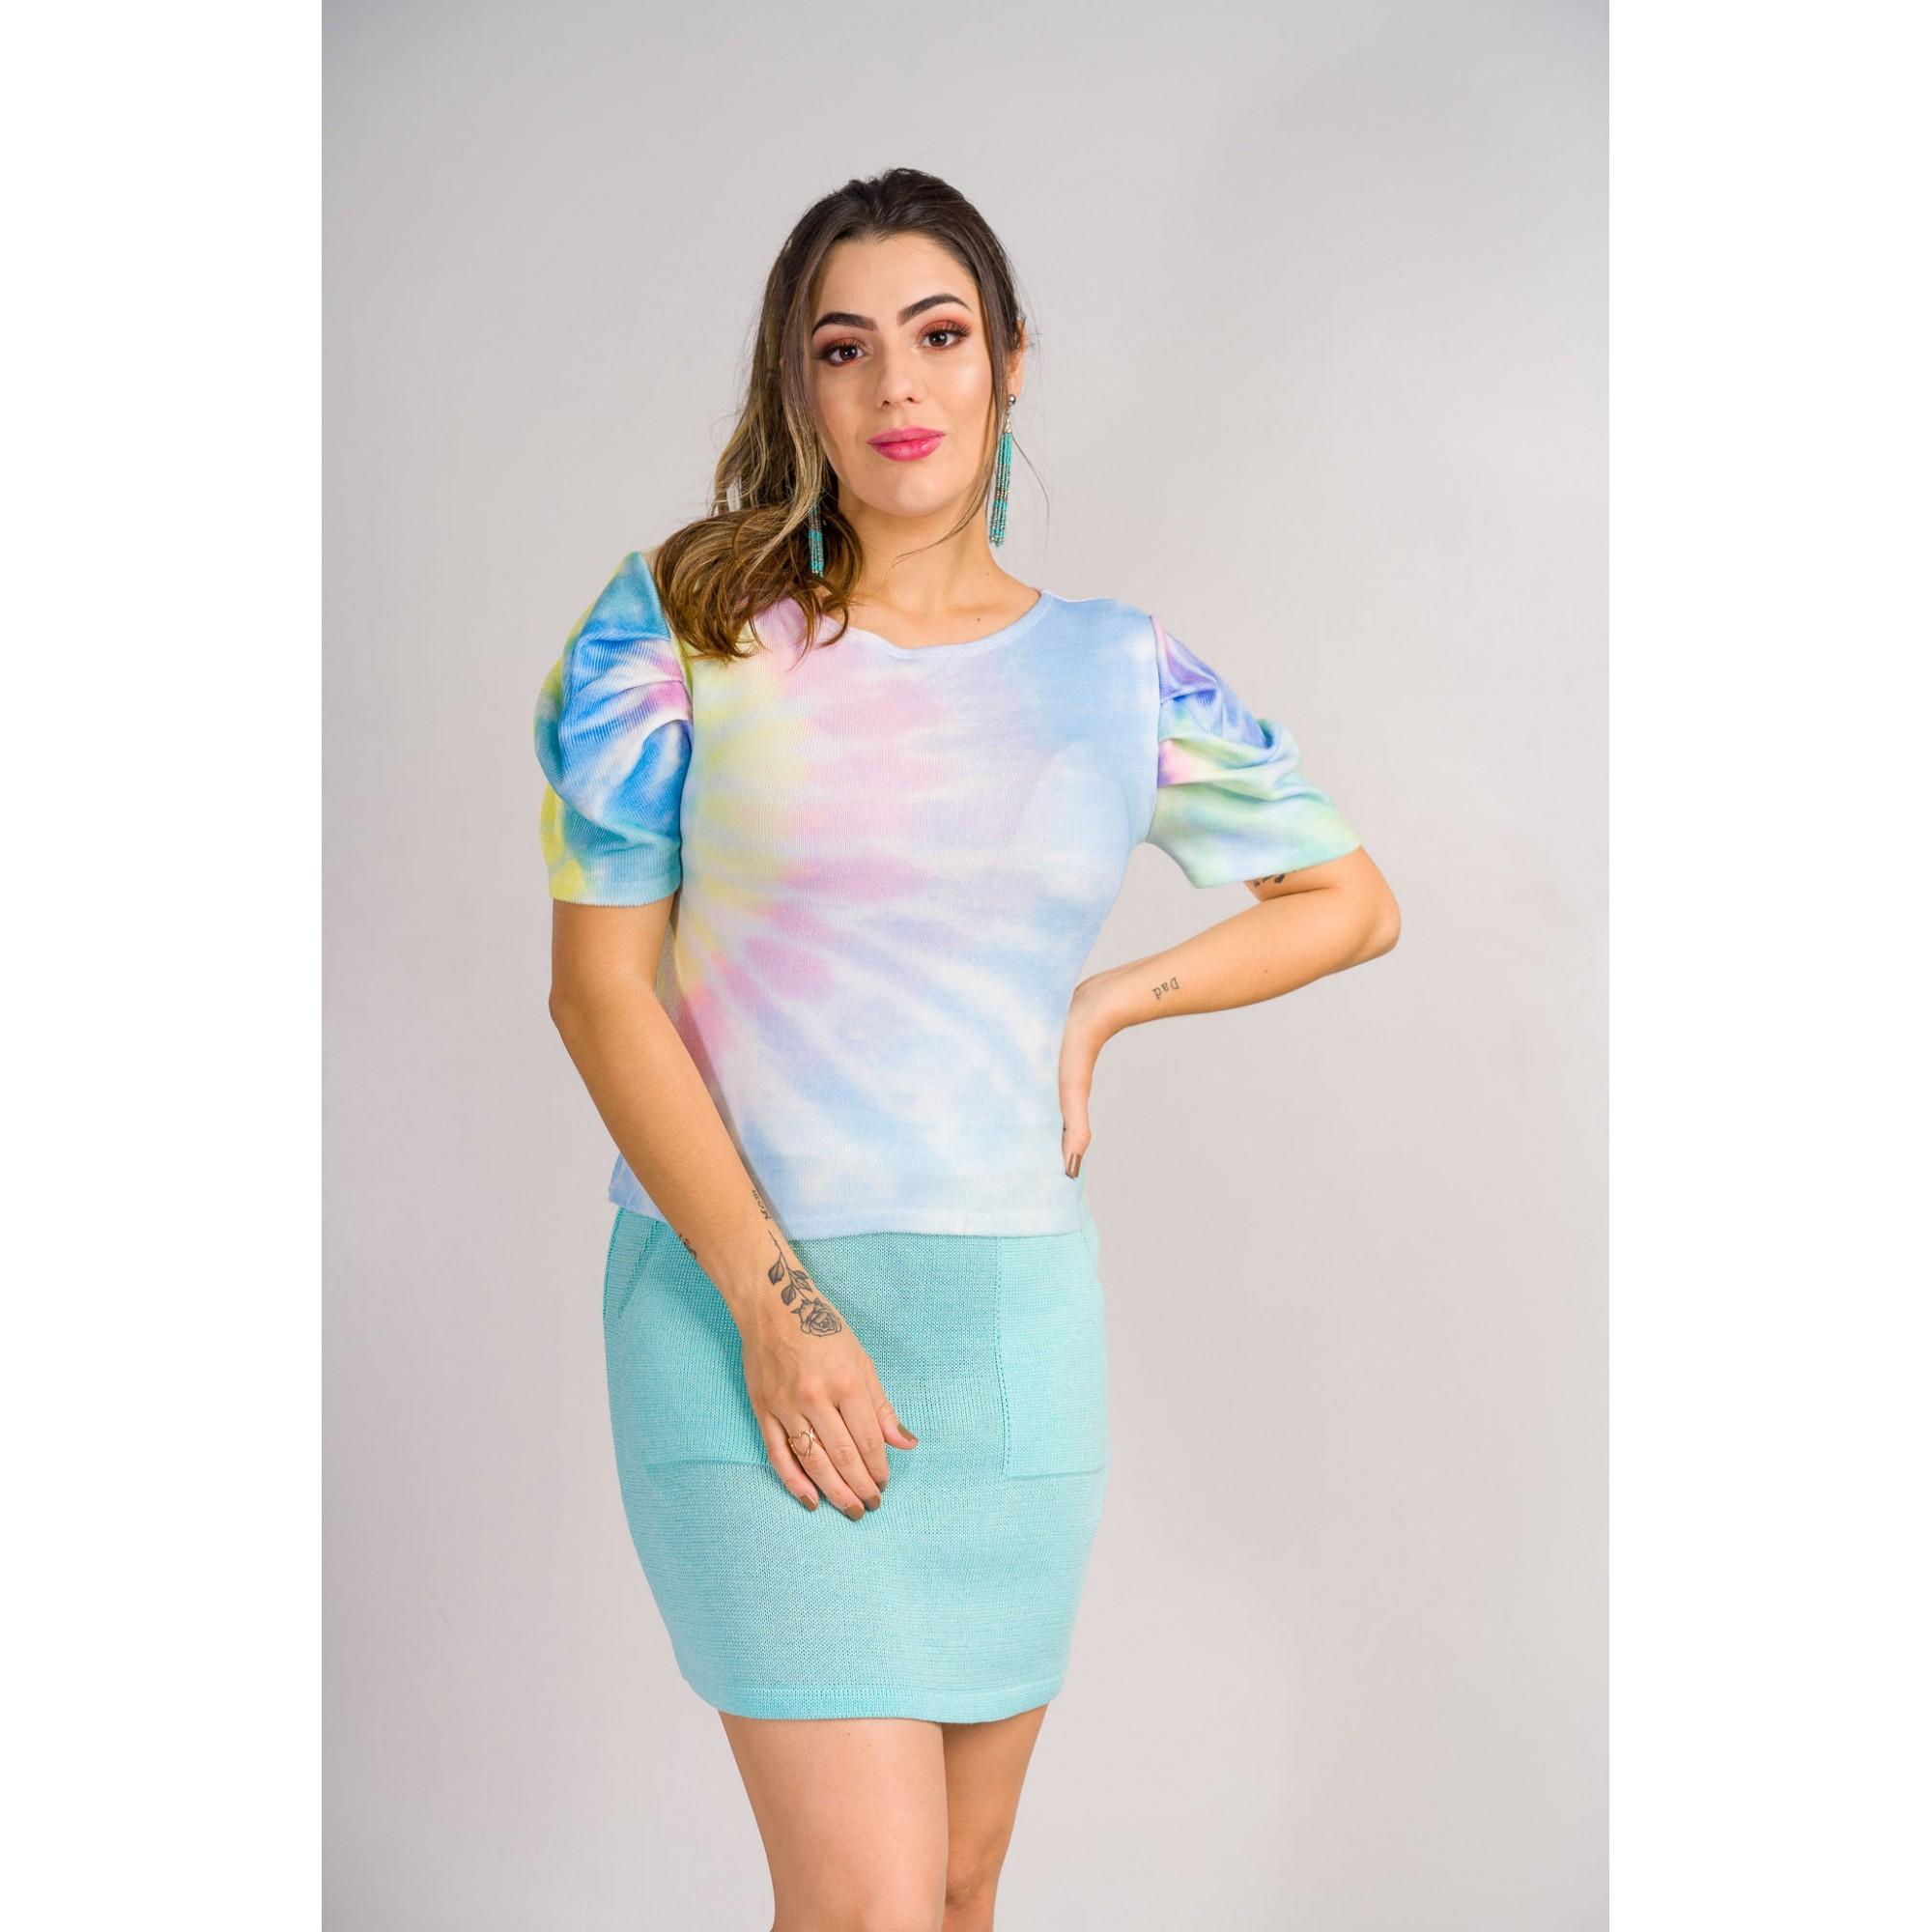 tricot de verão blusa estilo modal com eslastano tie day